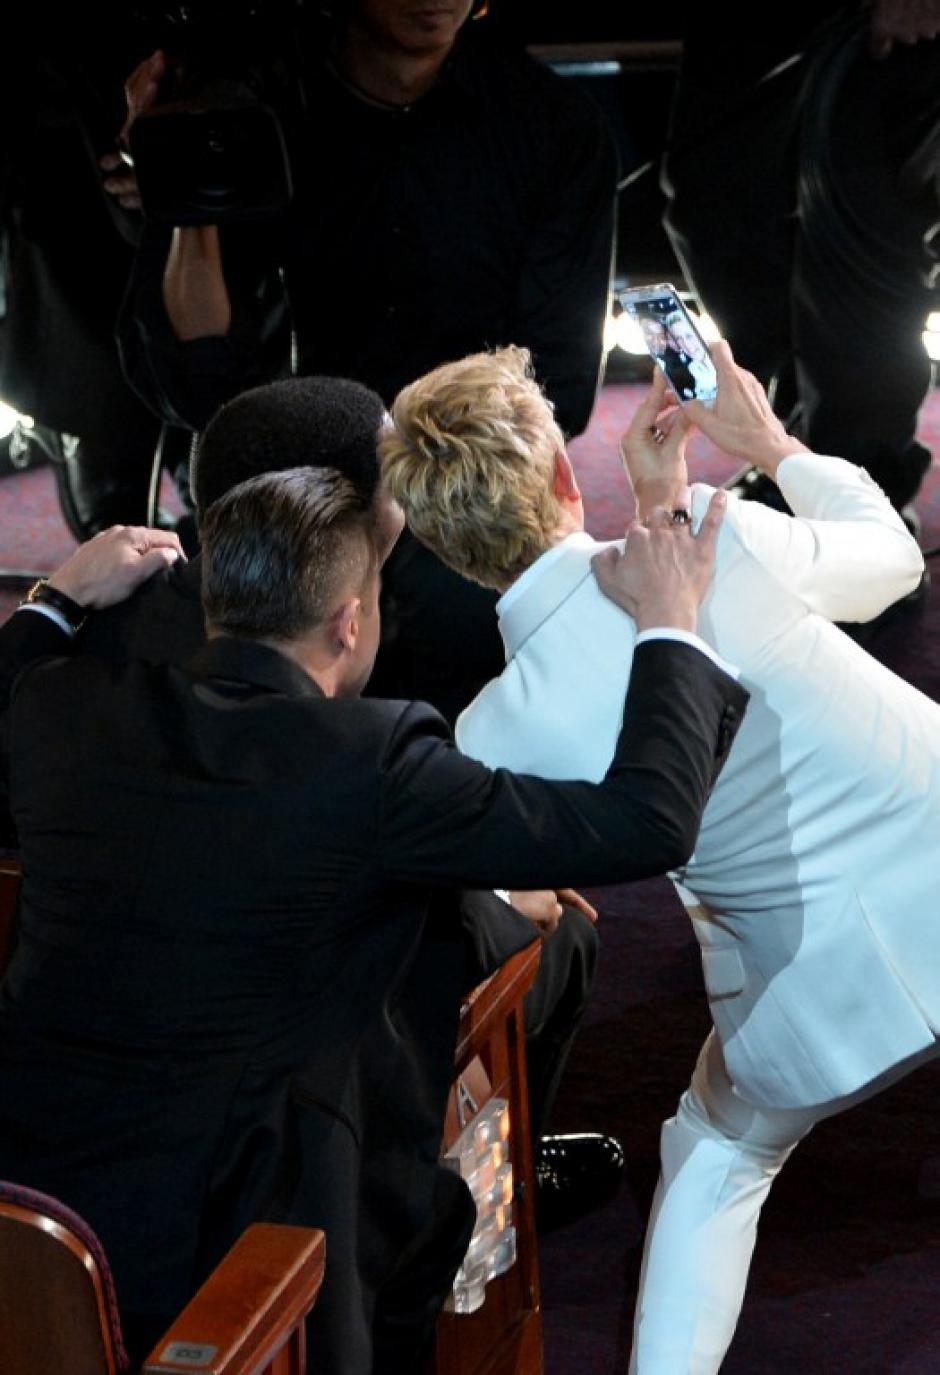 La presentadora bajó del escenario y fue en busca de unos cuantos famosos, los amontonó y los obligó a posar junta a ella. (Foto: AFP)